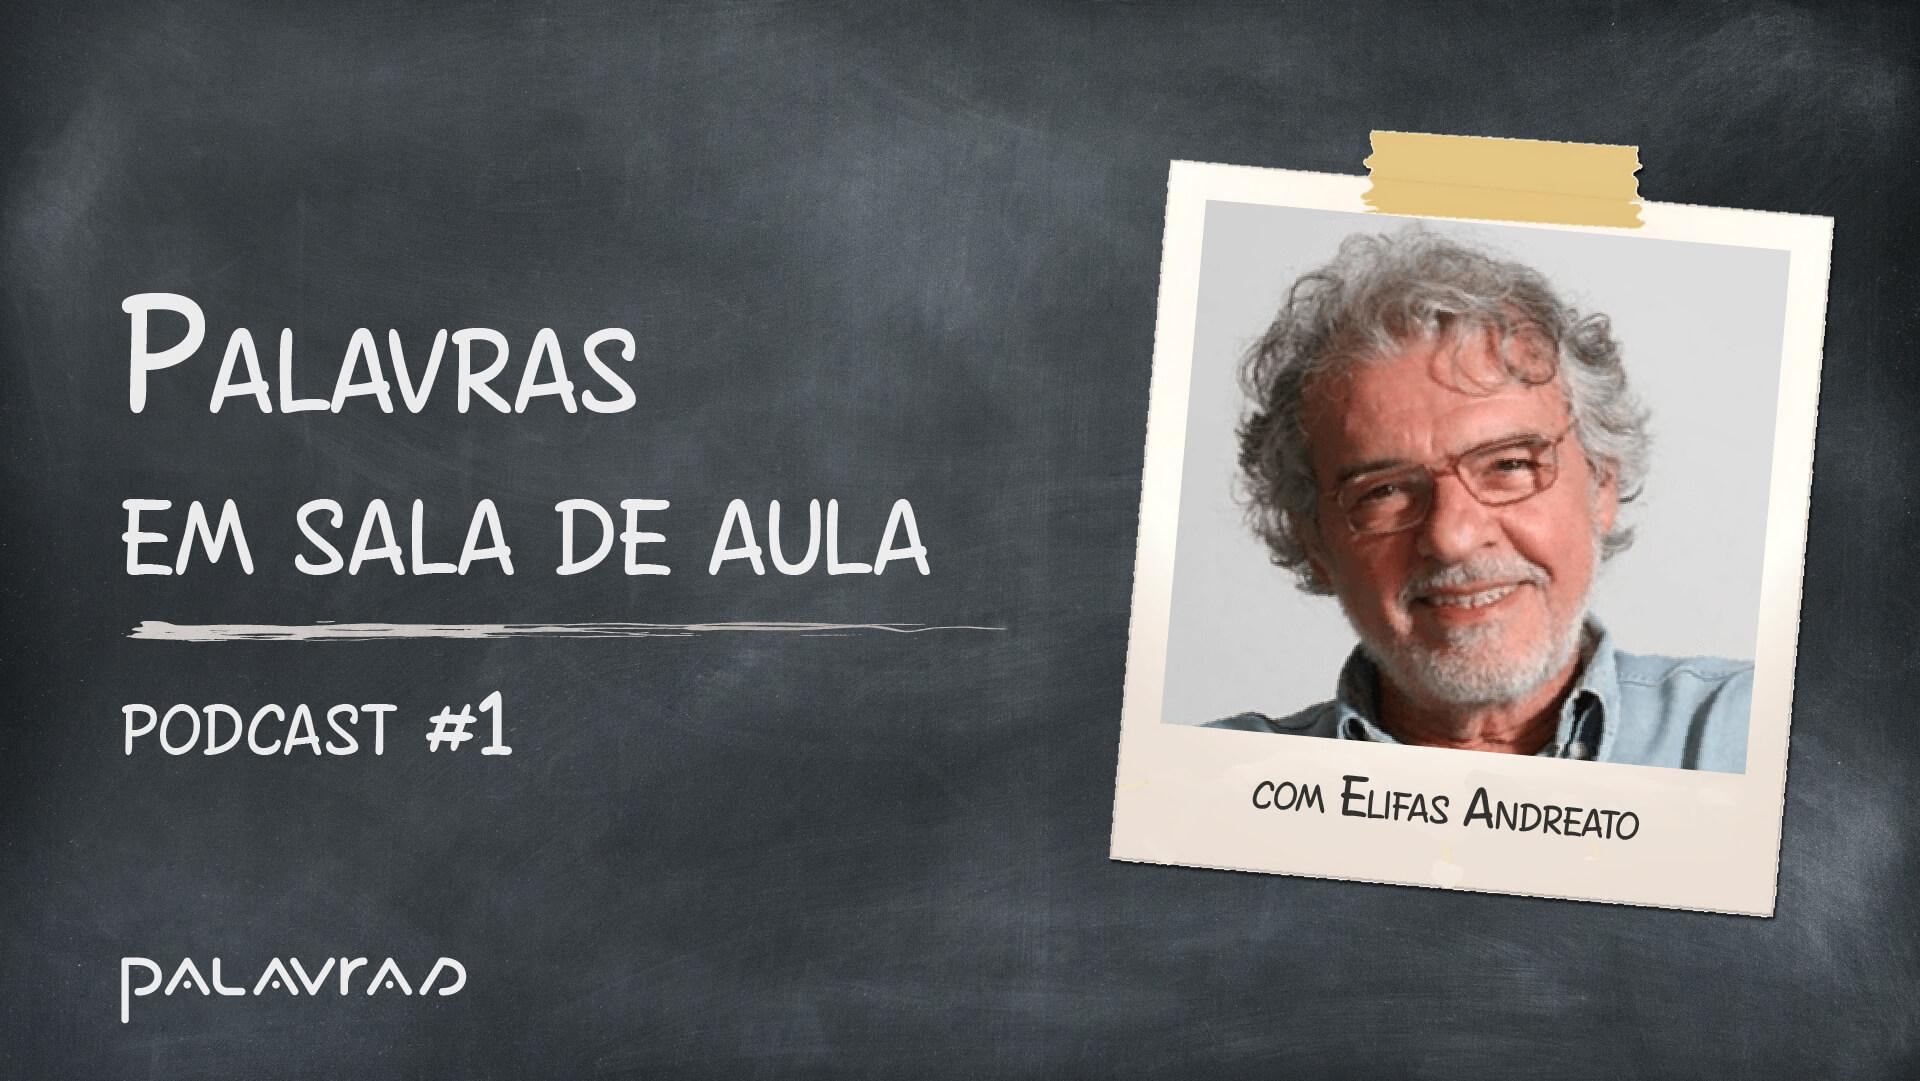 Podcast Palavras em Sala de Aula | #1: Elifas Andreato